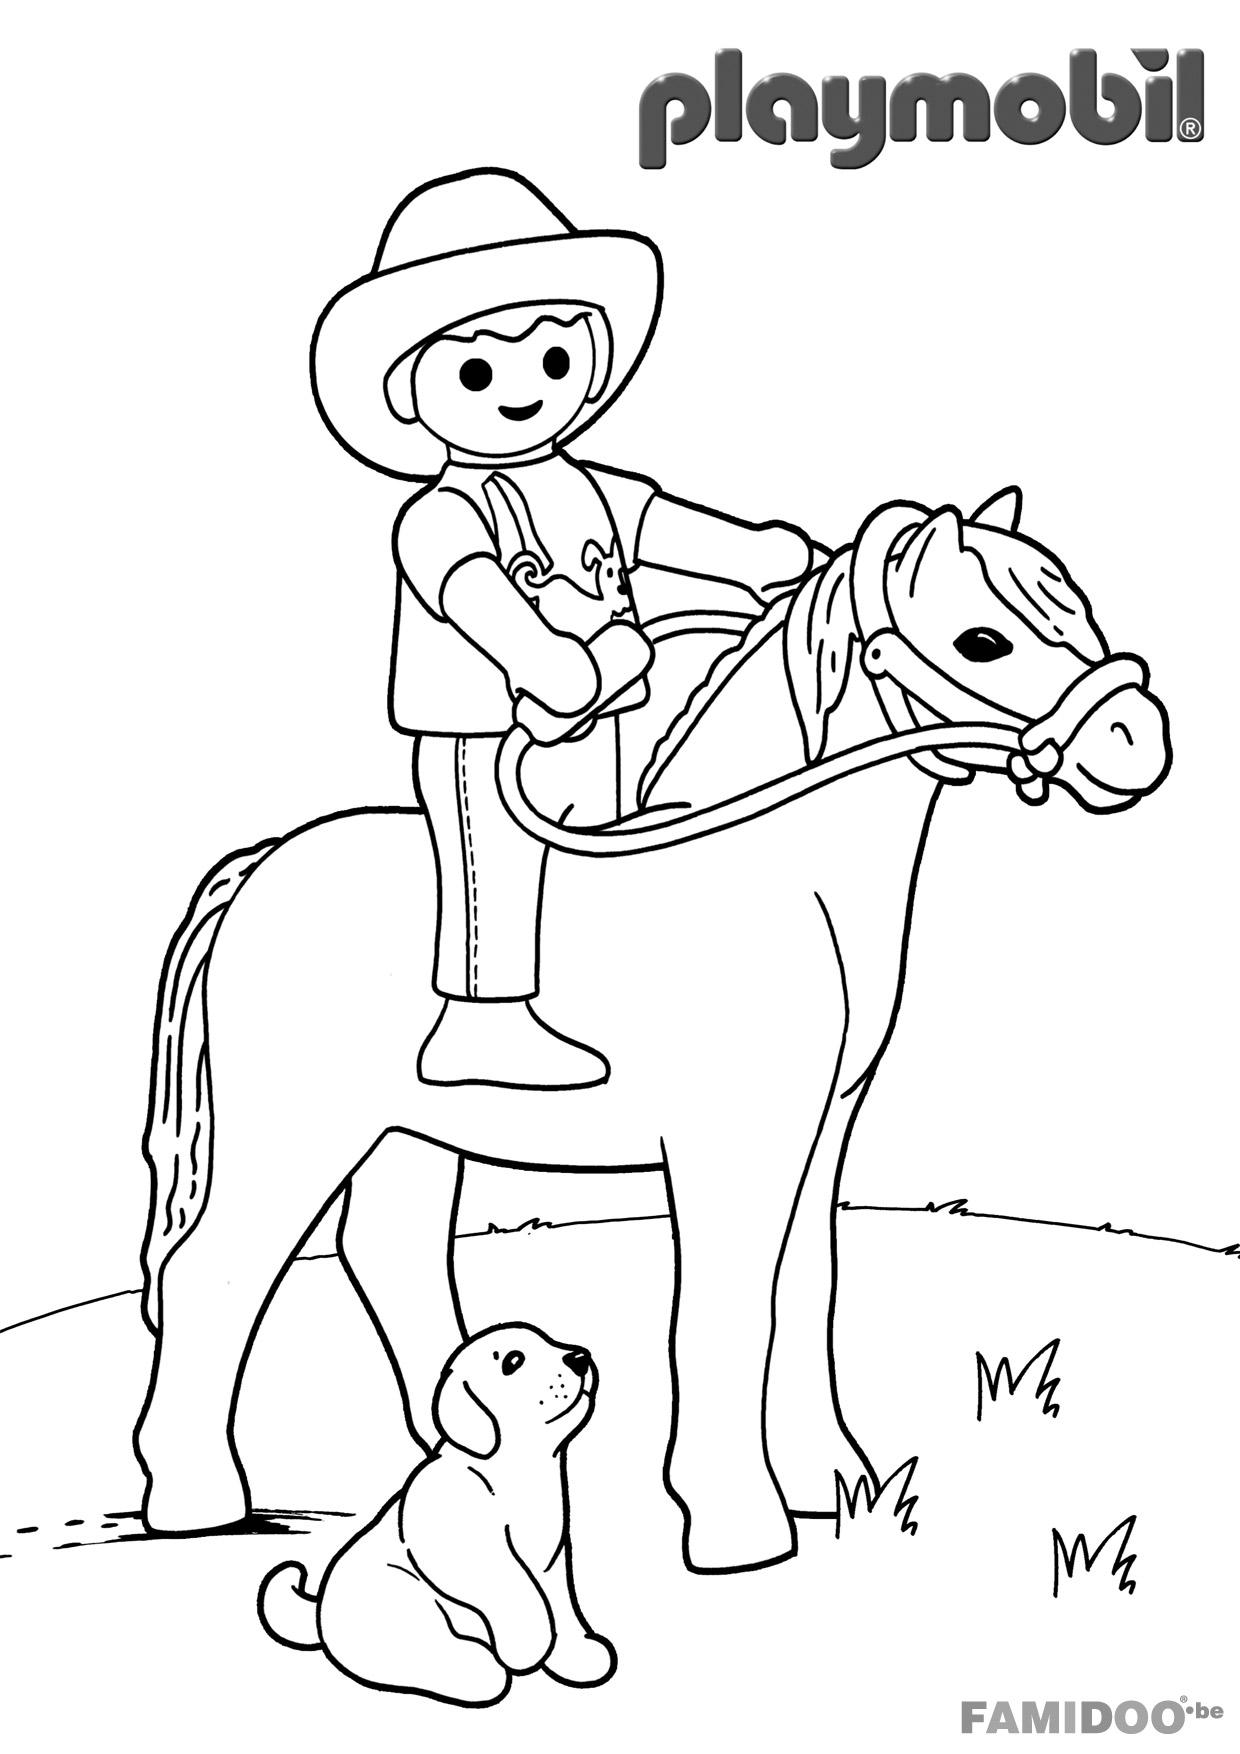 Coloriage playmobil cowboy - Coloriages de personnages TV